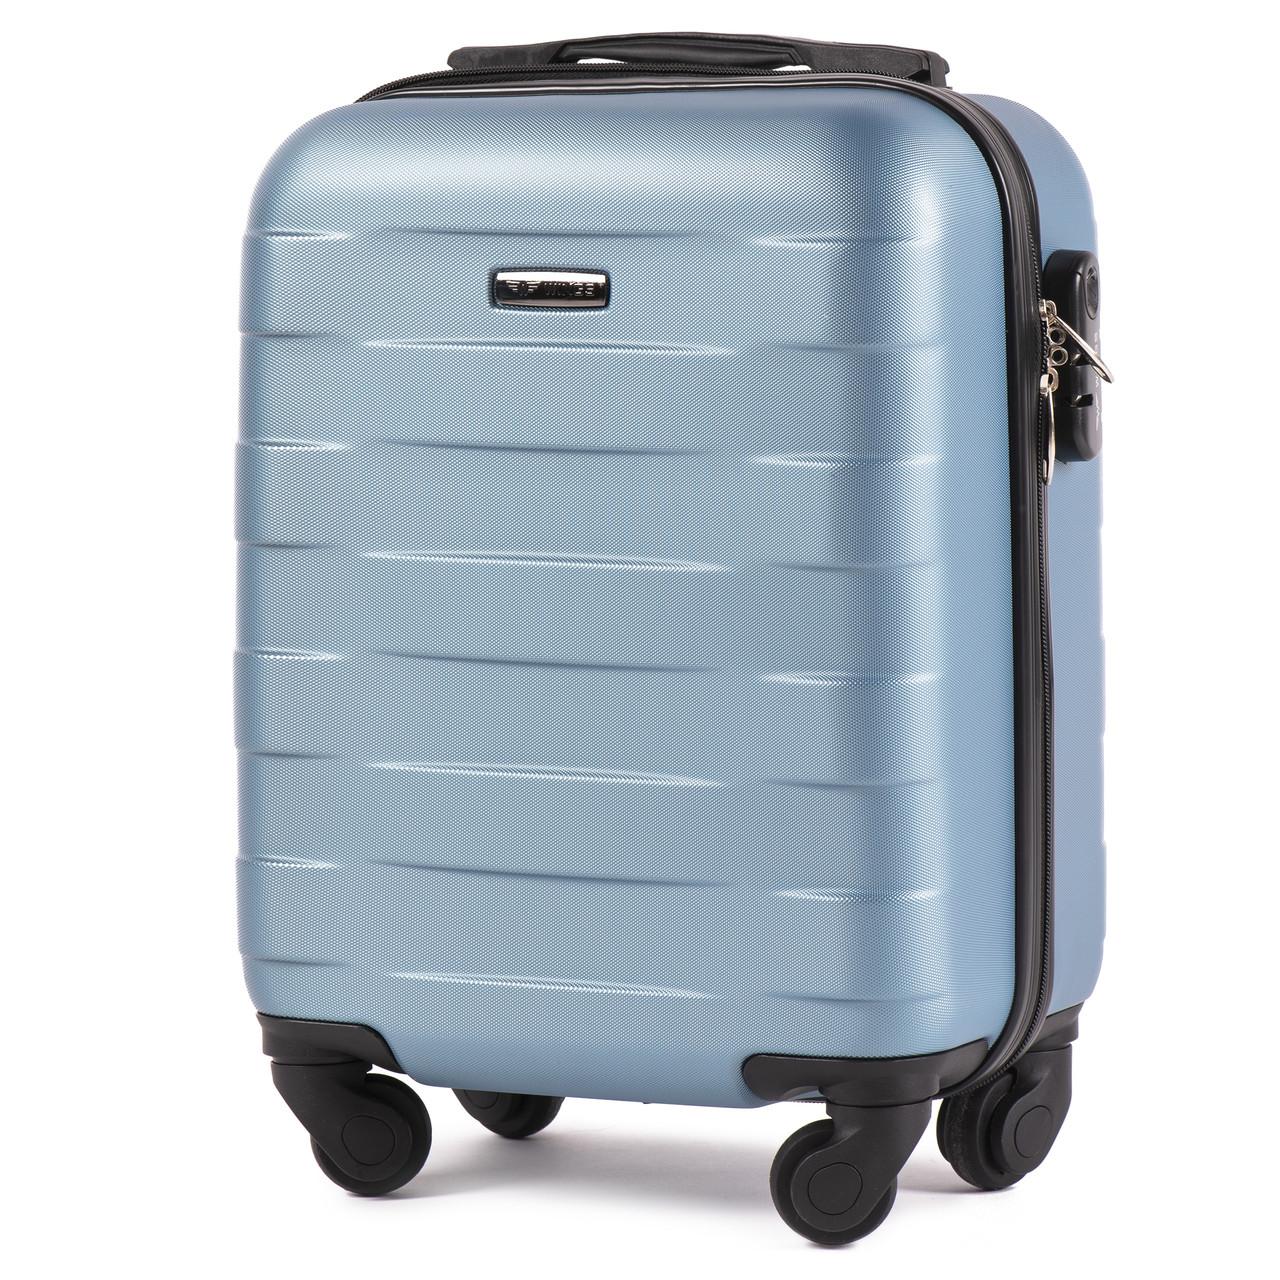 3de2ade3d77c Чемодан Wings 401 мини ручная кладь на 4 колесах Голубое серебро - Bag  Travel Box в